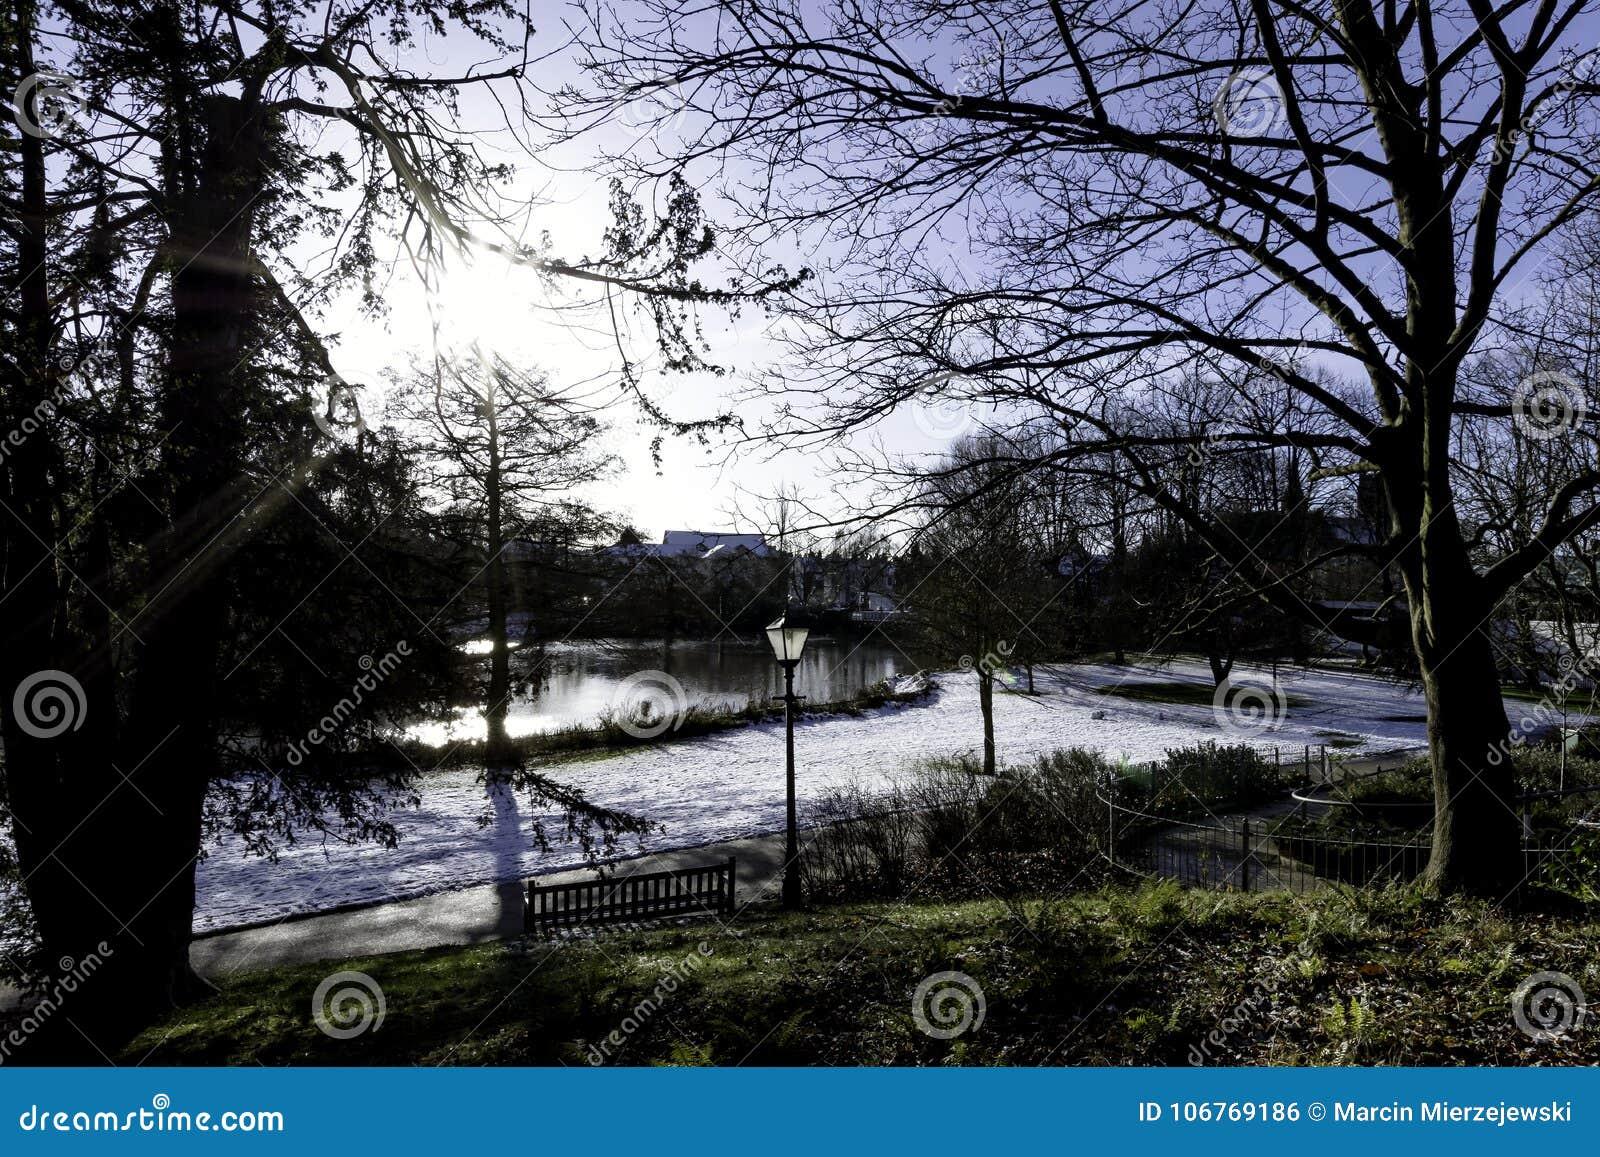 Invierno en el balneario real de Leamington - sitio de bomba/jardines de Jephson